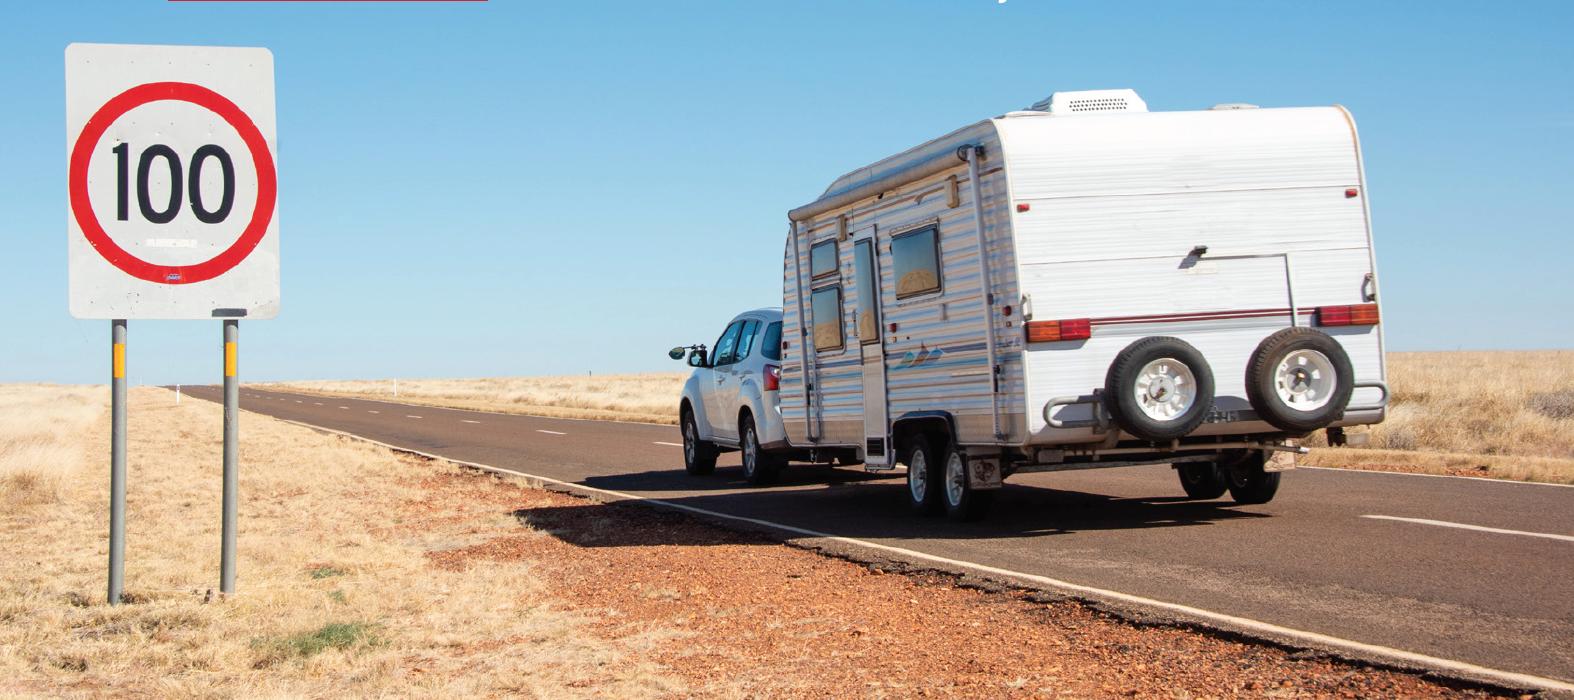 car driving with caravan